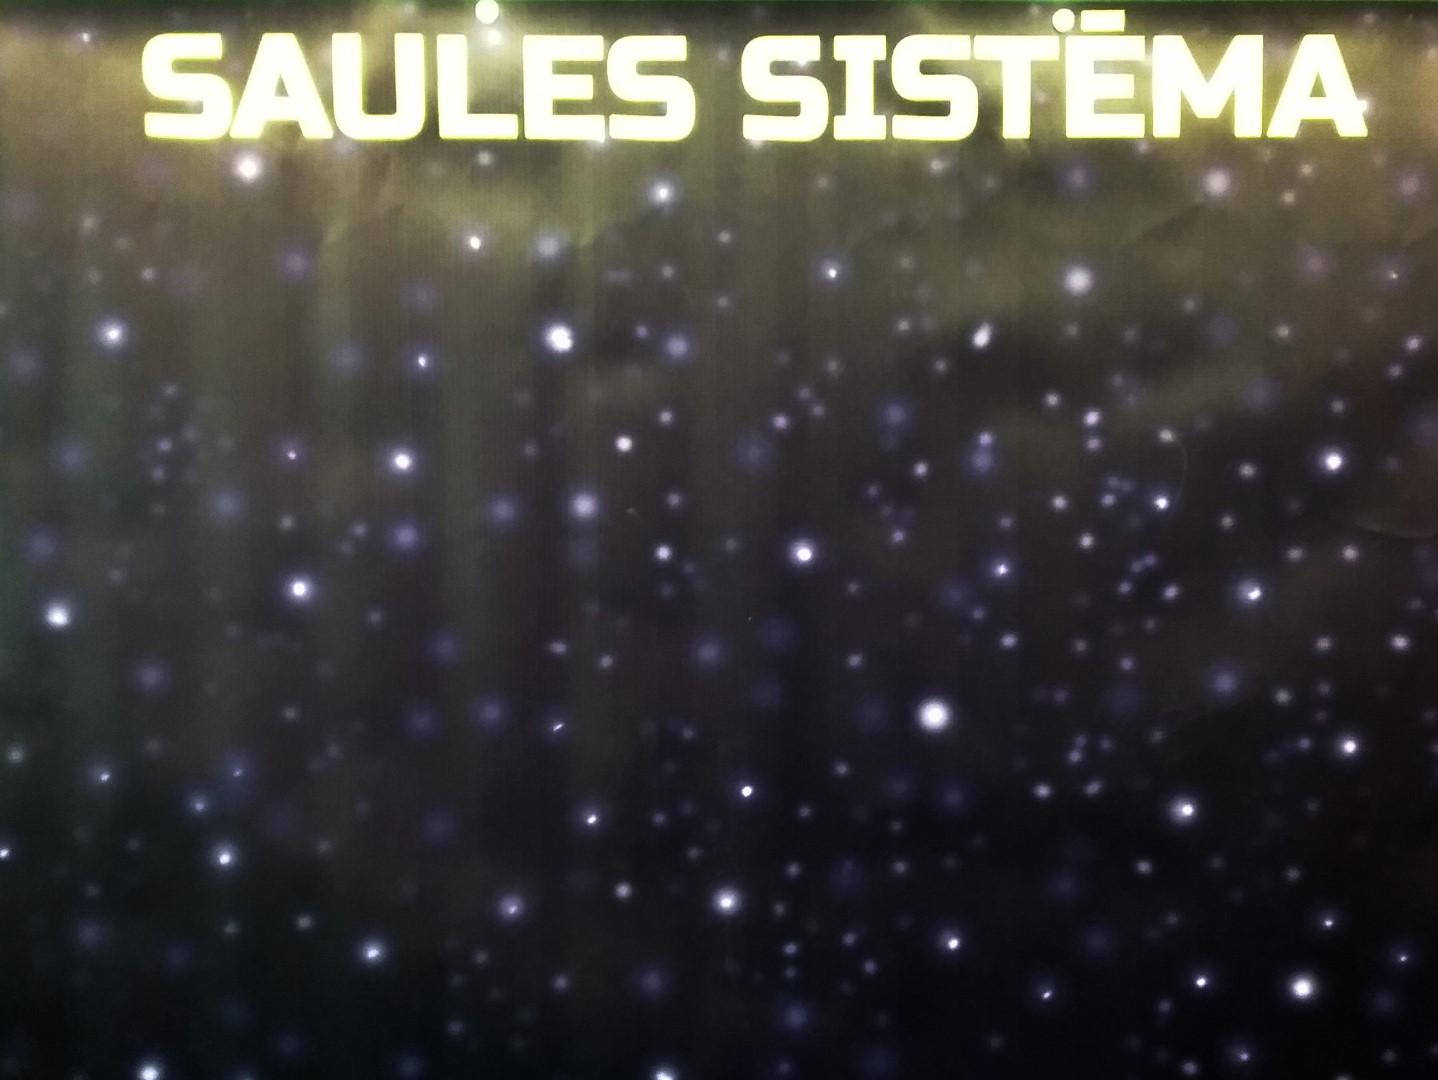 Stiprināms ar magnētiem pie tāfeles 80cm x100cm. Izmantojams dabas mācībā, Saules sistēmas debess ķermeņu demonstrācijai.